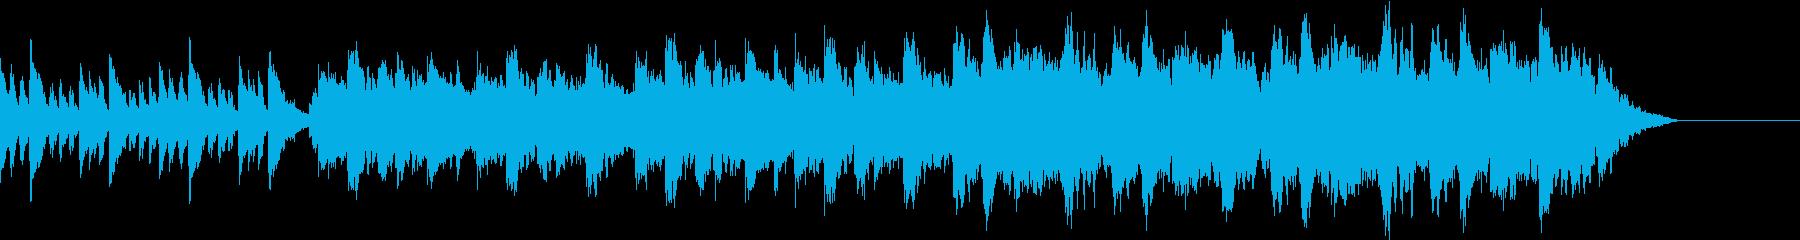 どうぶつの森風 かわいいほのぼのBGMの再生済みの波形